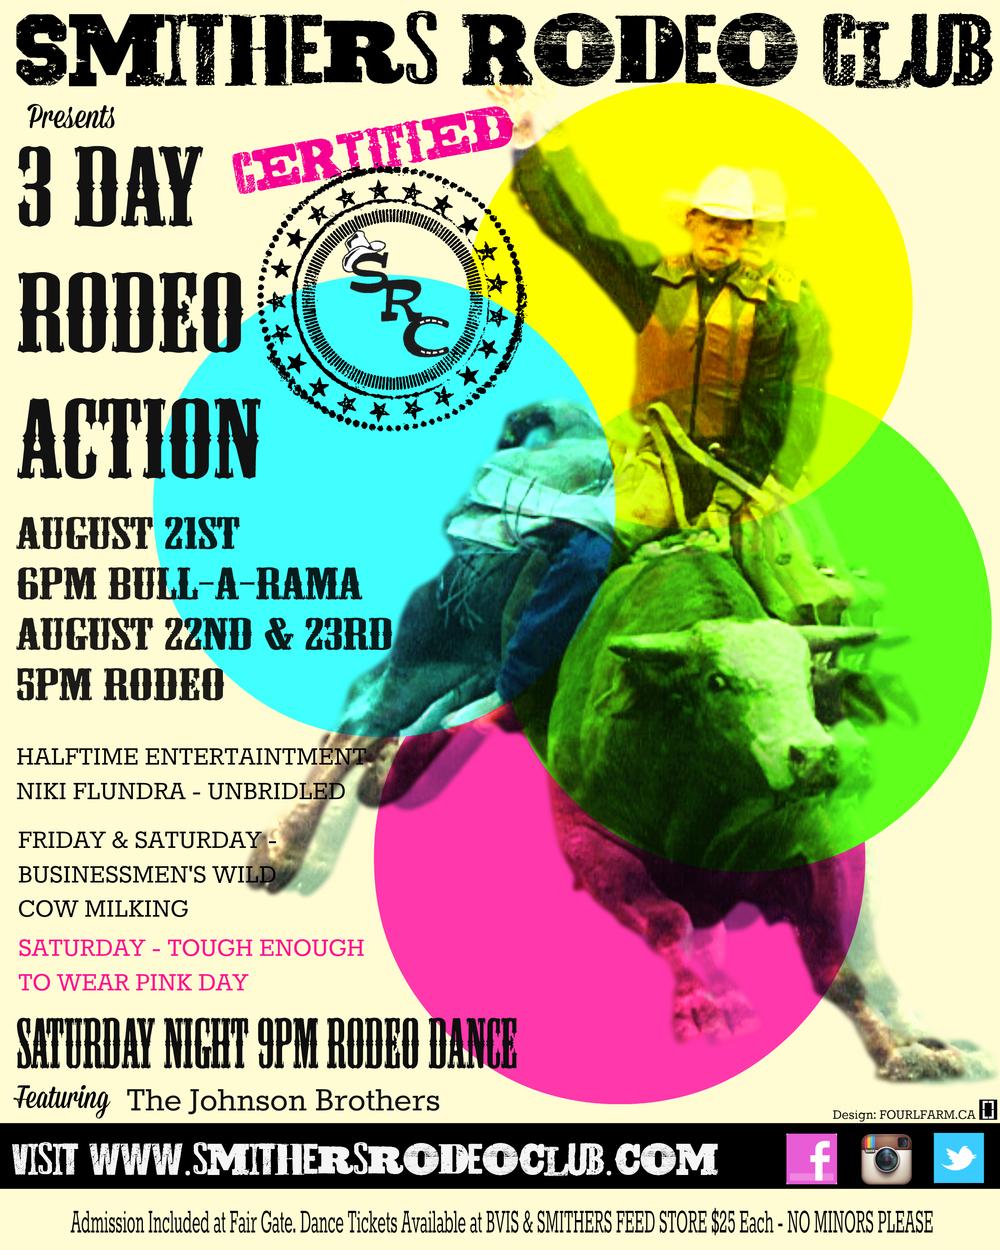 2014 SRC Event Poster - Design By :  FOURLFARM.CA